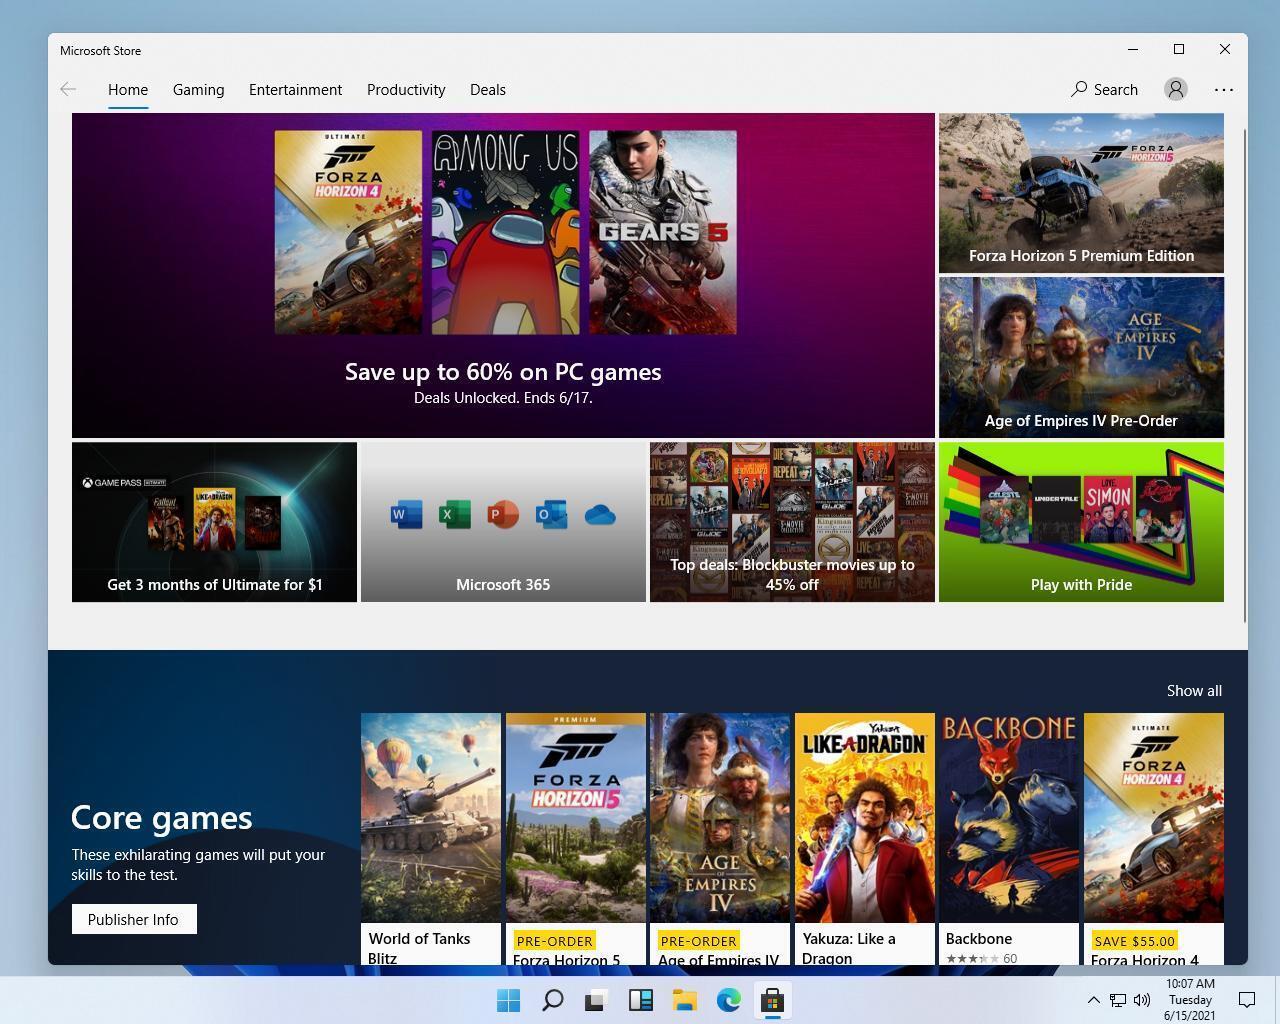 Интерфейс магазина Windows 11 во многом такой же, как и в Windows 10